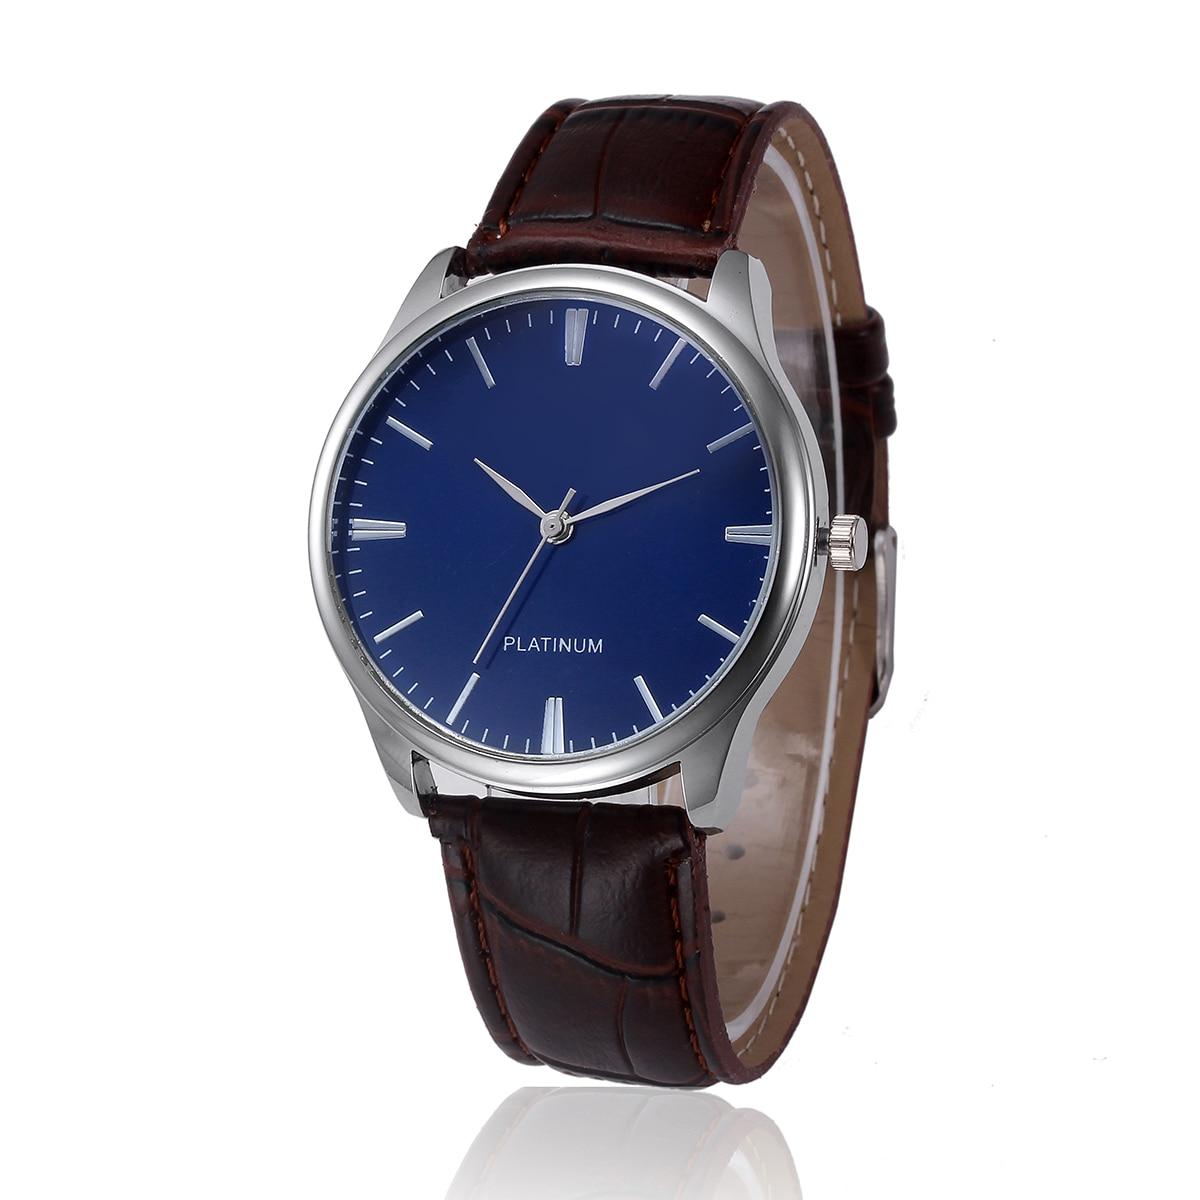 822133493af Fabulous Design de Moda Retro Liga Analógico Pulseira de Couro Quartz  Relógio de Pulso relogio bayan kol saati  07